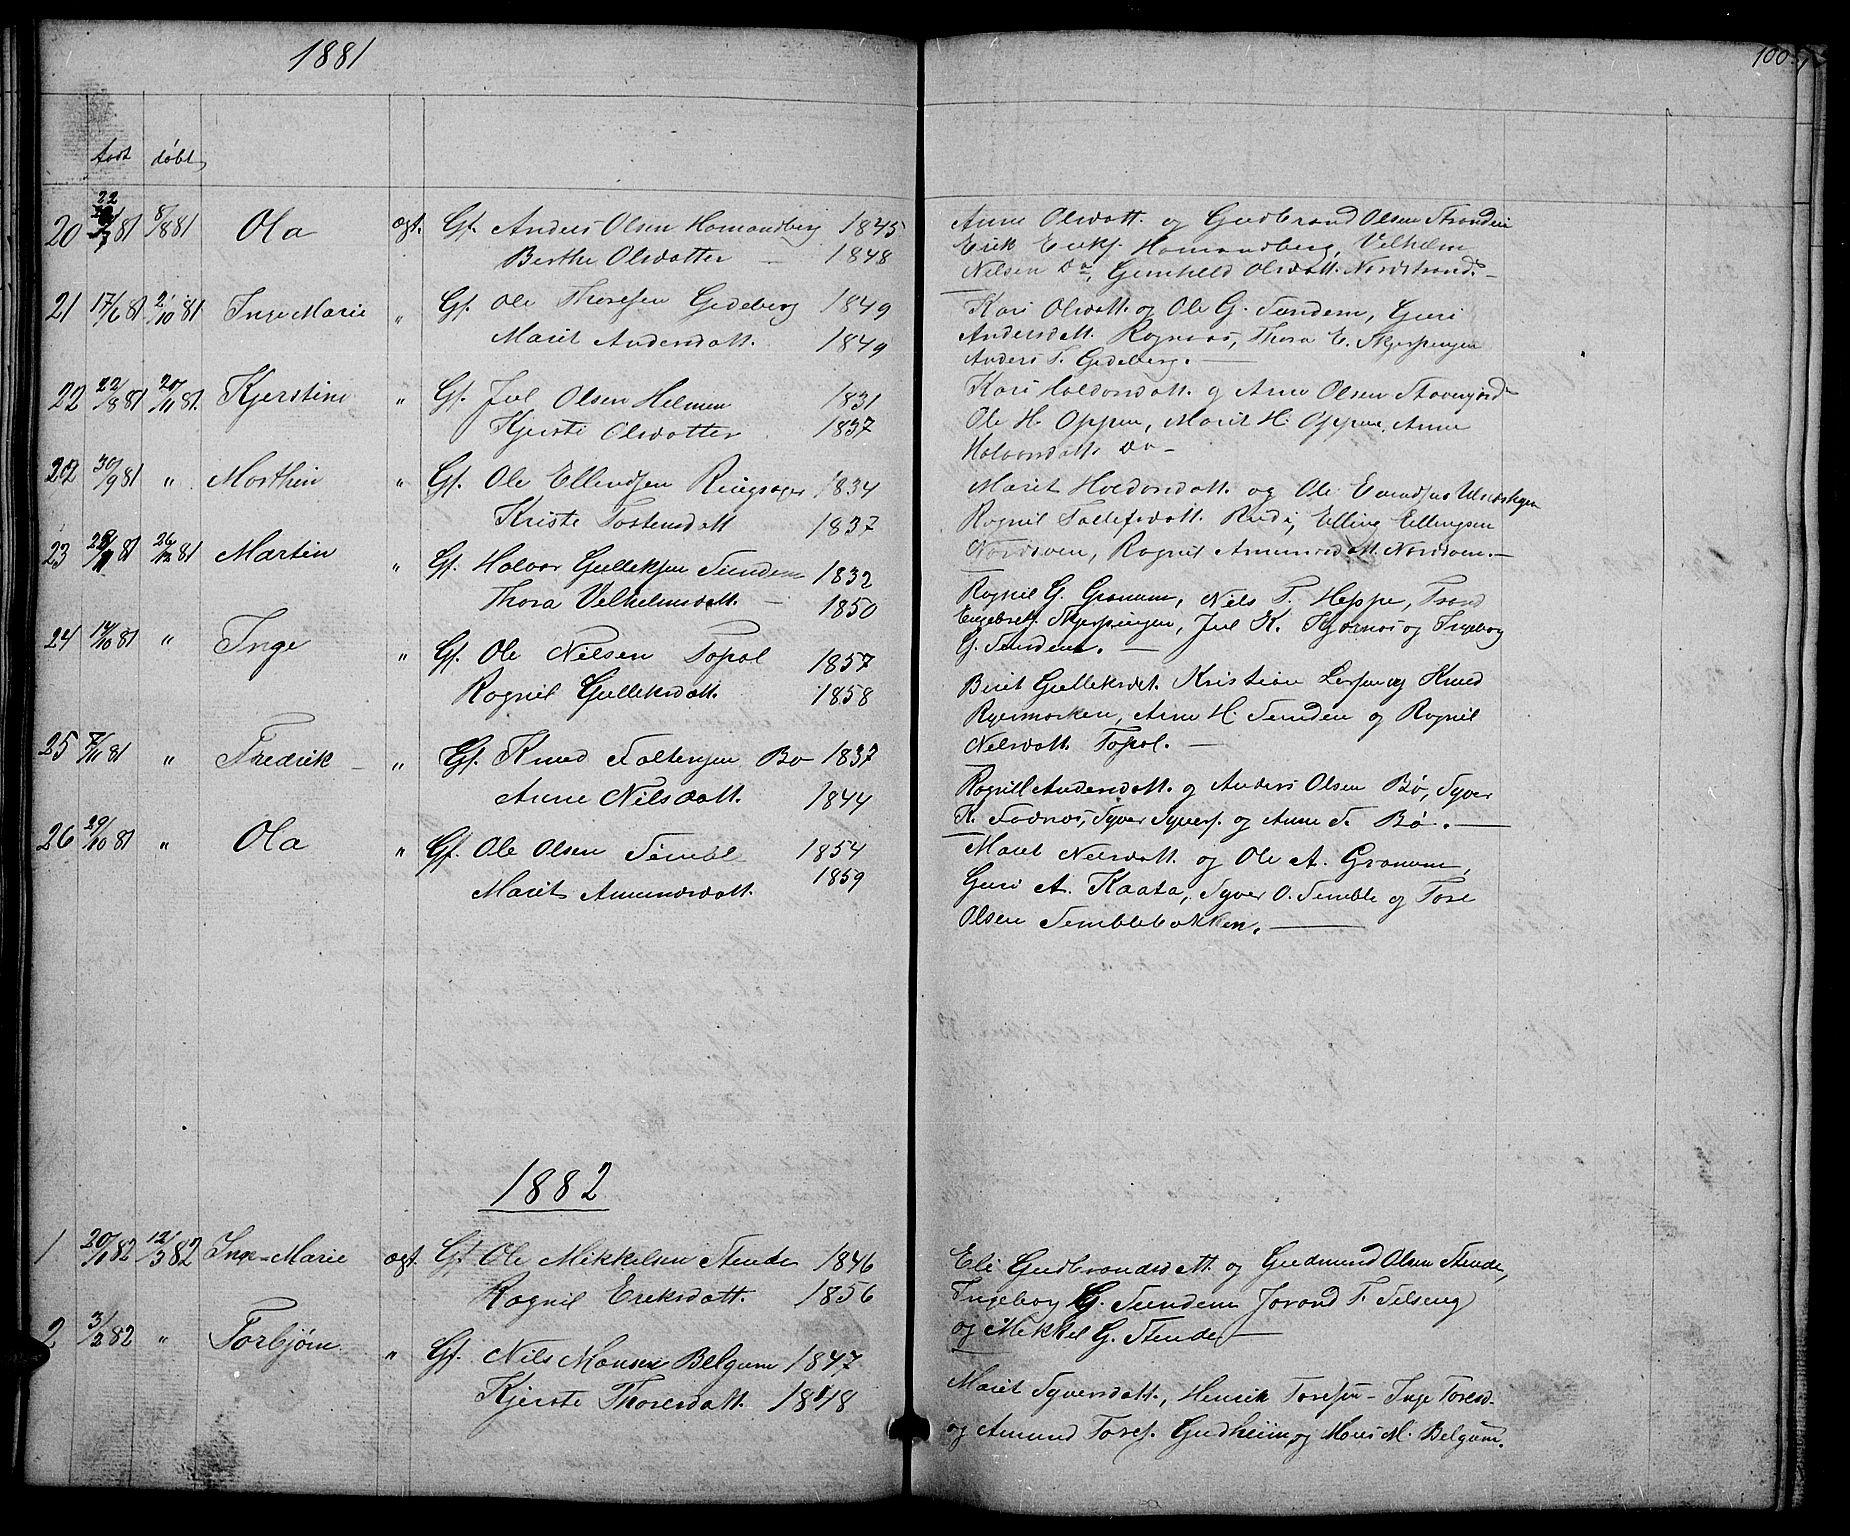 SAH, Nord-Aurdal prestekontor, Klokkerbok nr. 4, 1842-1882, s. 100